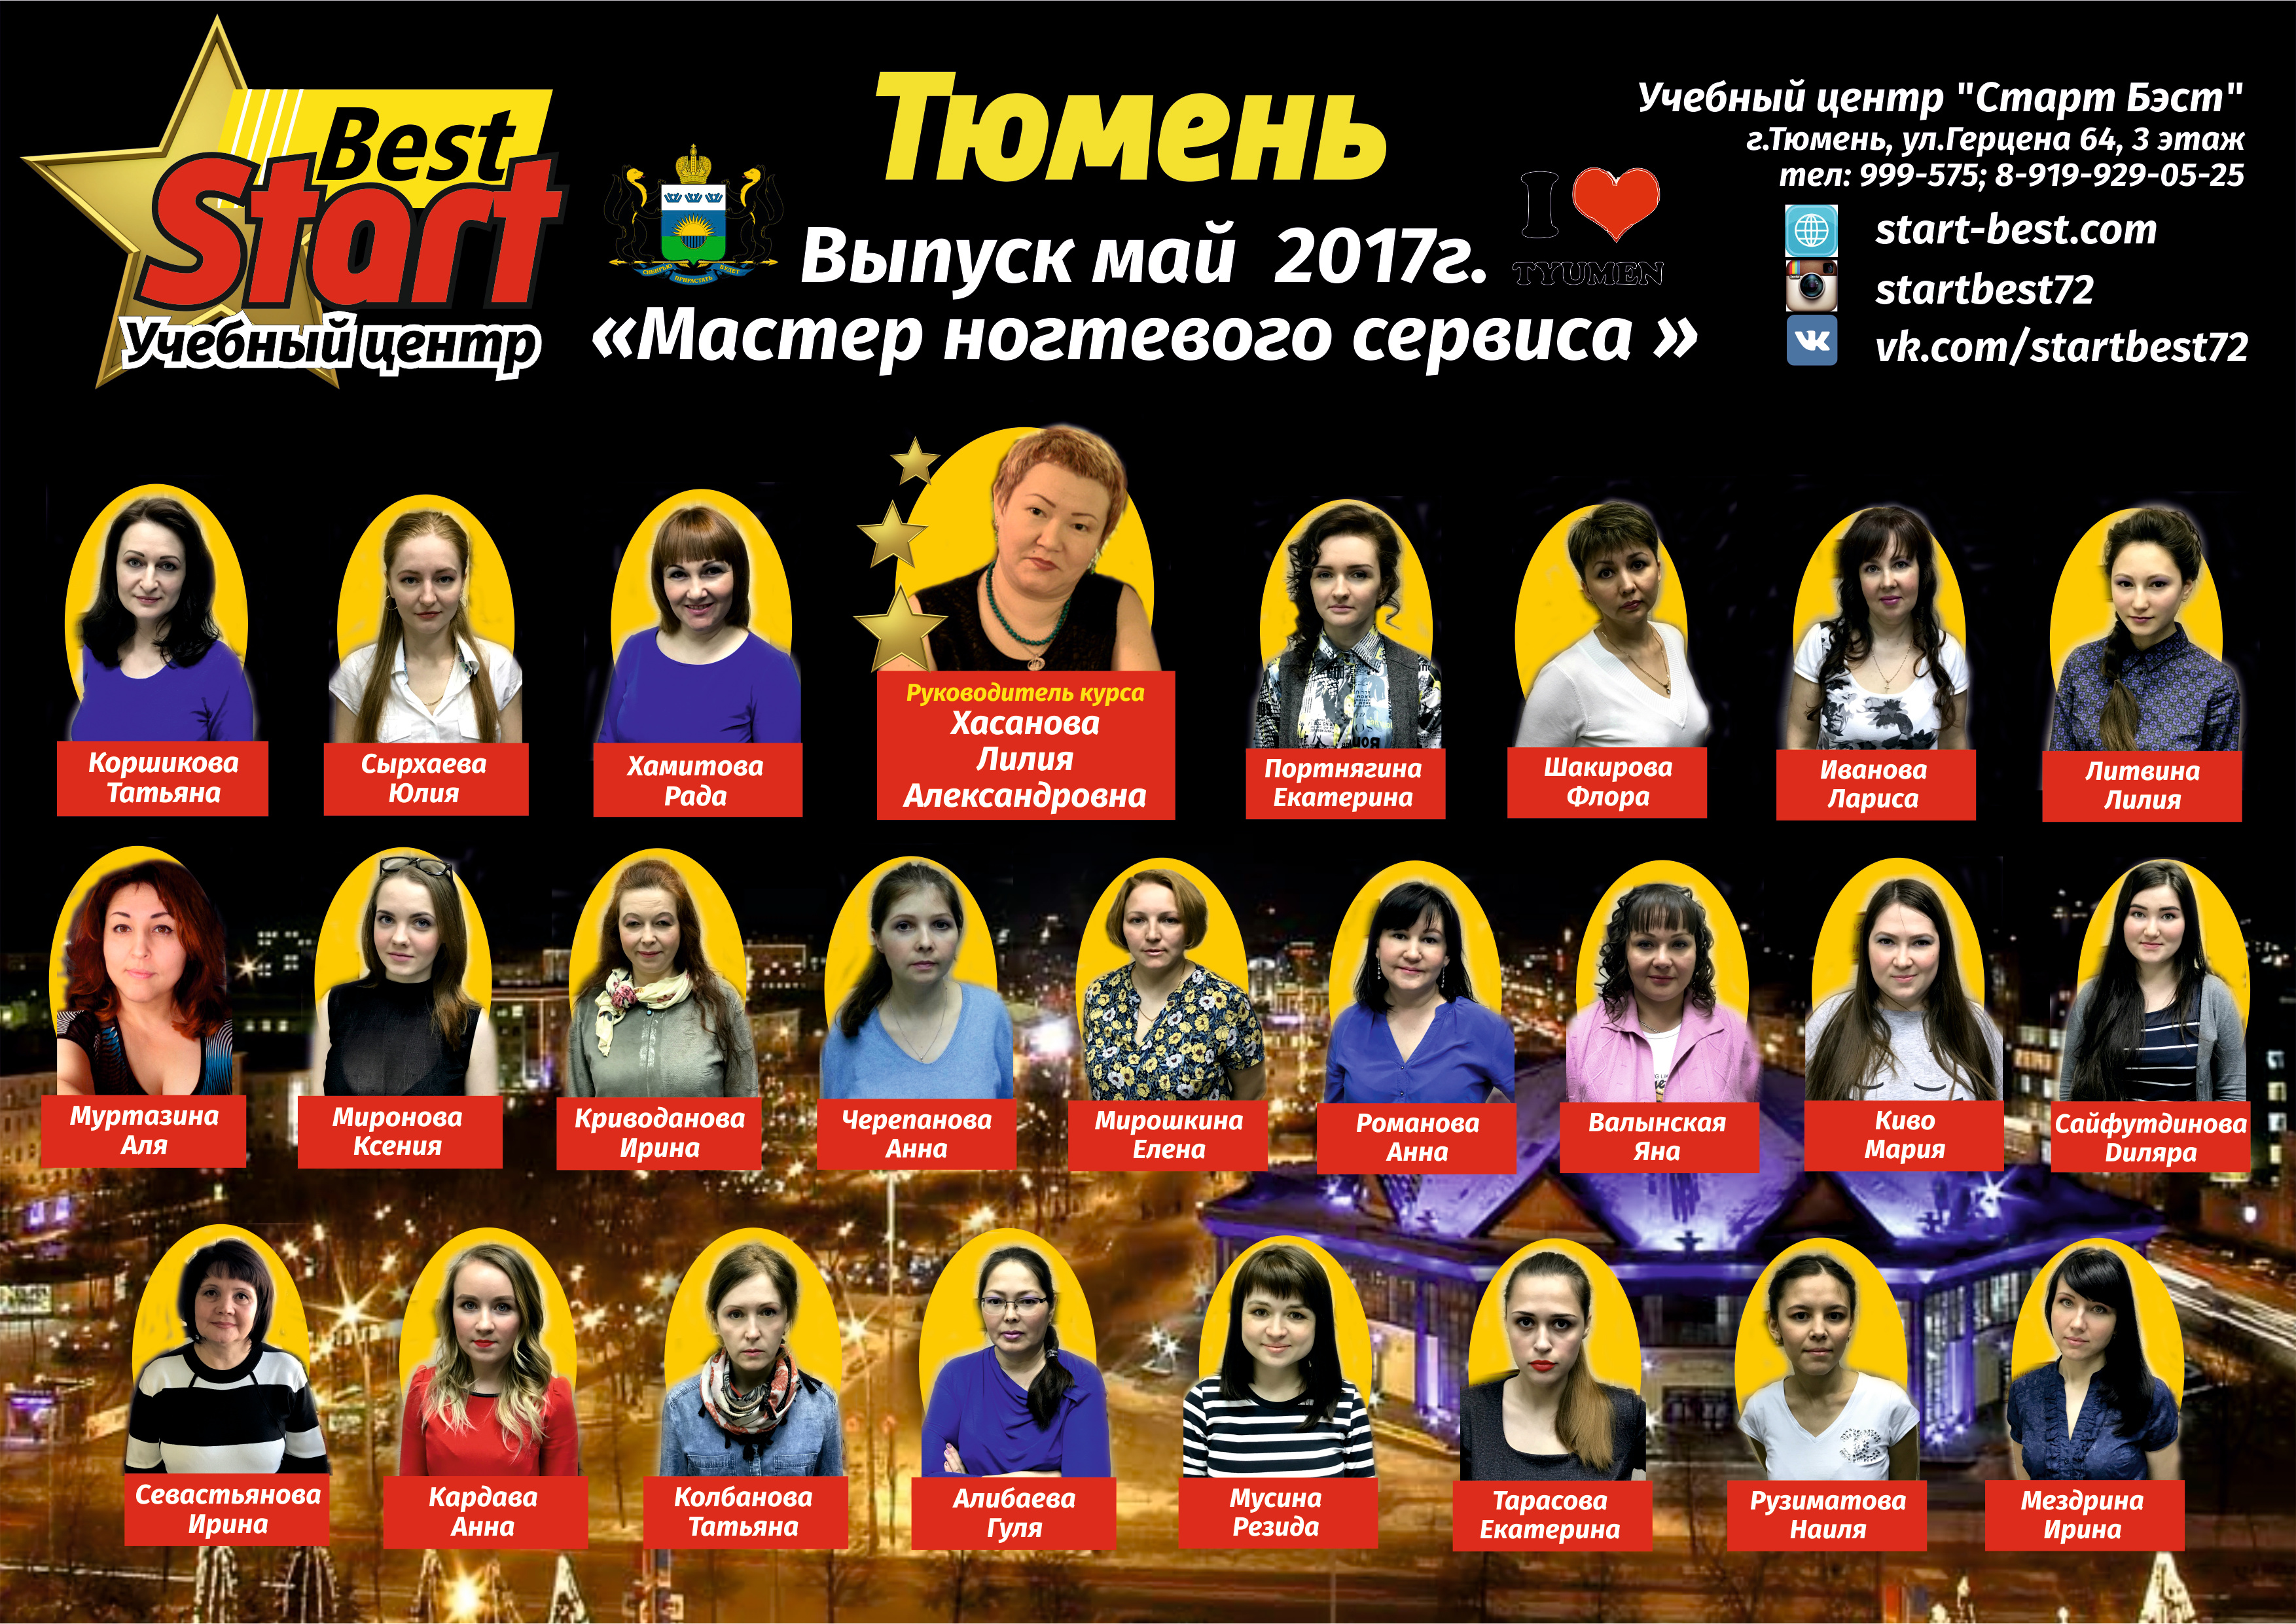 маникюрша май ОБЩЕЕ ФОТО 2017 24 ученика ГОТОВО